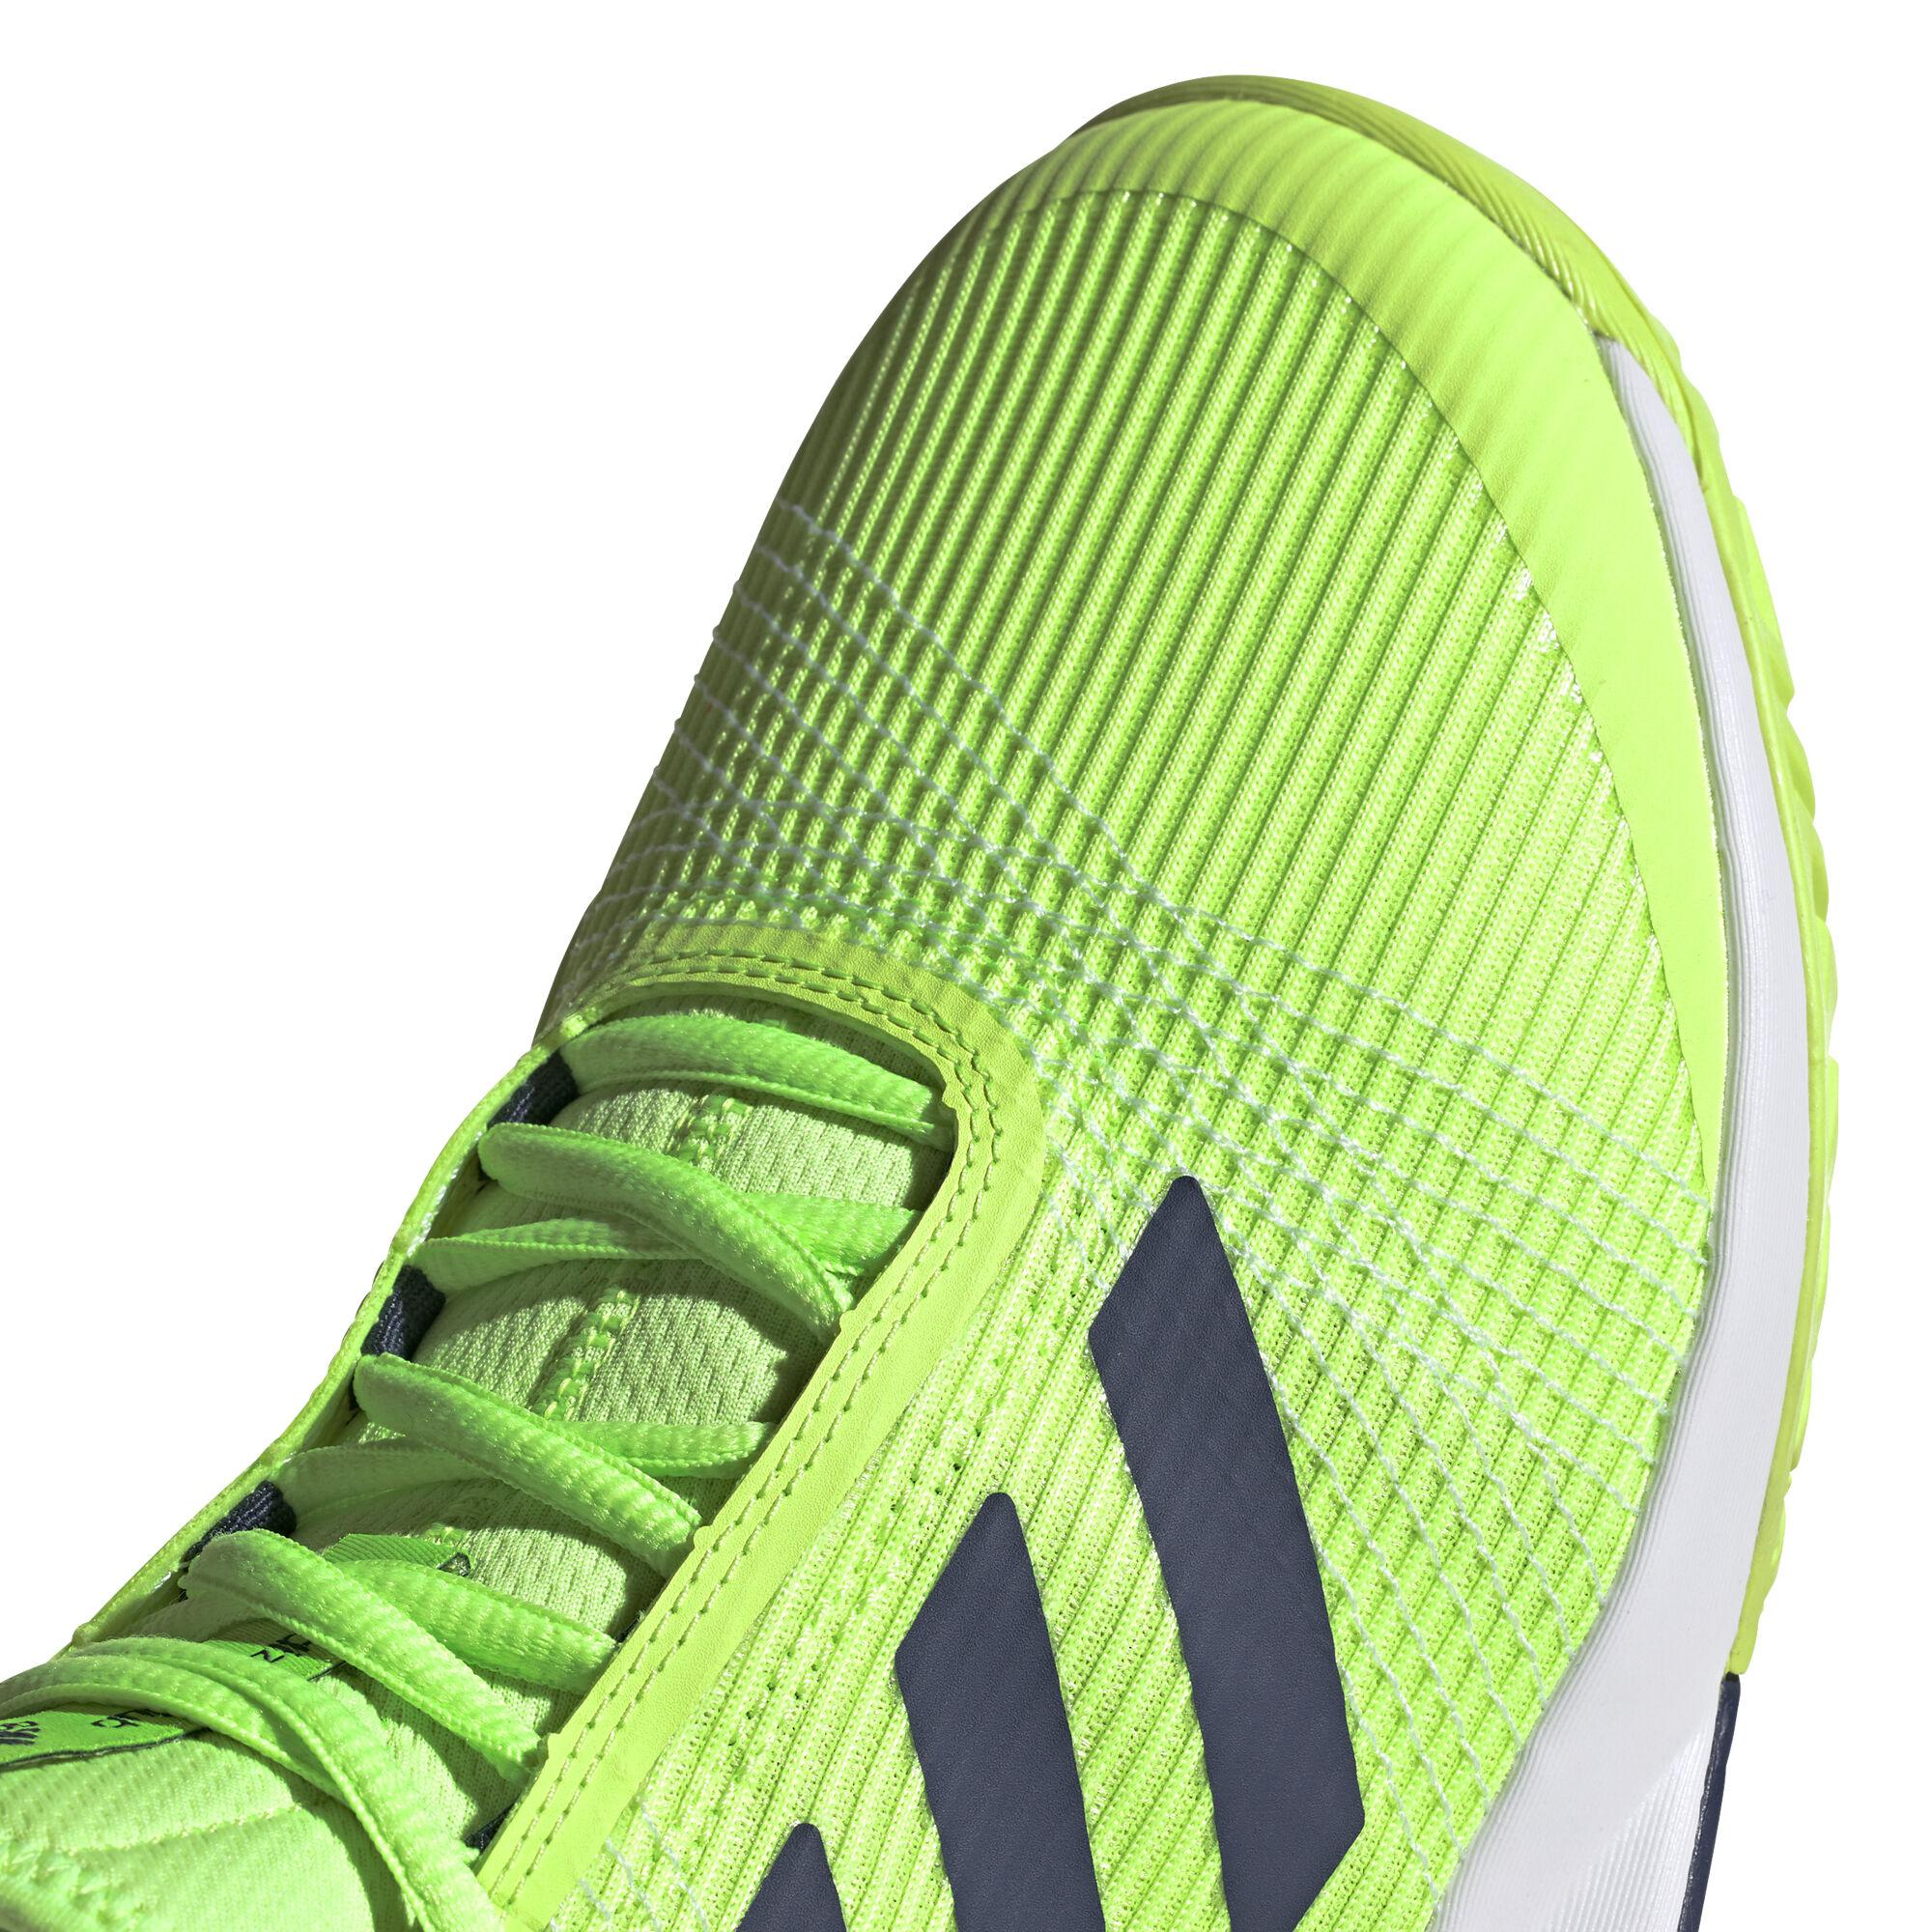 adidas adizero club verde zapatillas tenis hombre